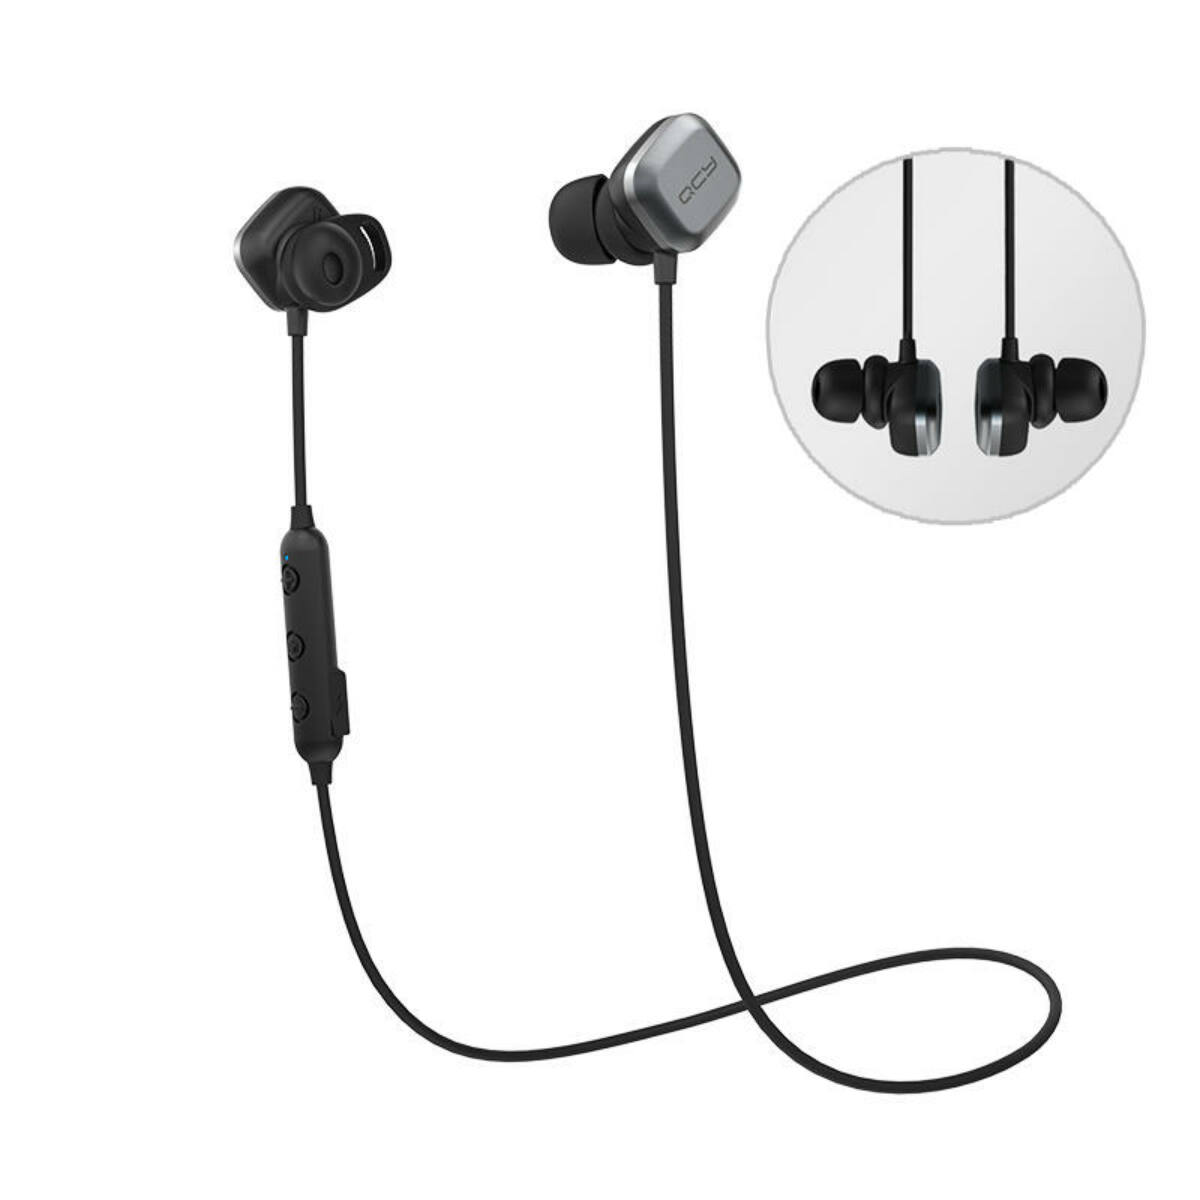 QCY-M1 PRO Sports Bluetooth 5.0 IPX4 vízálló fülhallgató, fekete